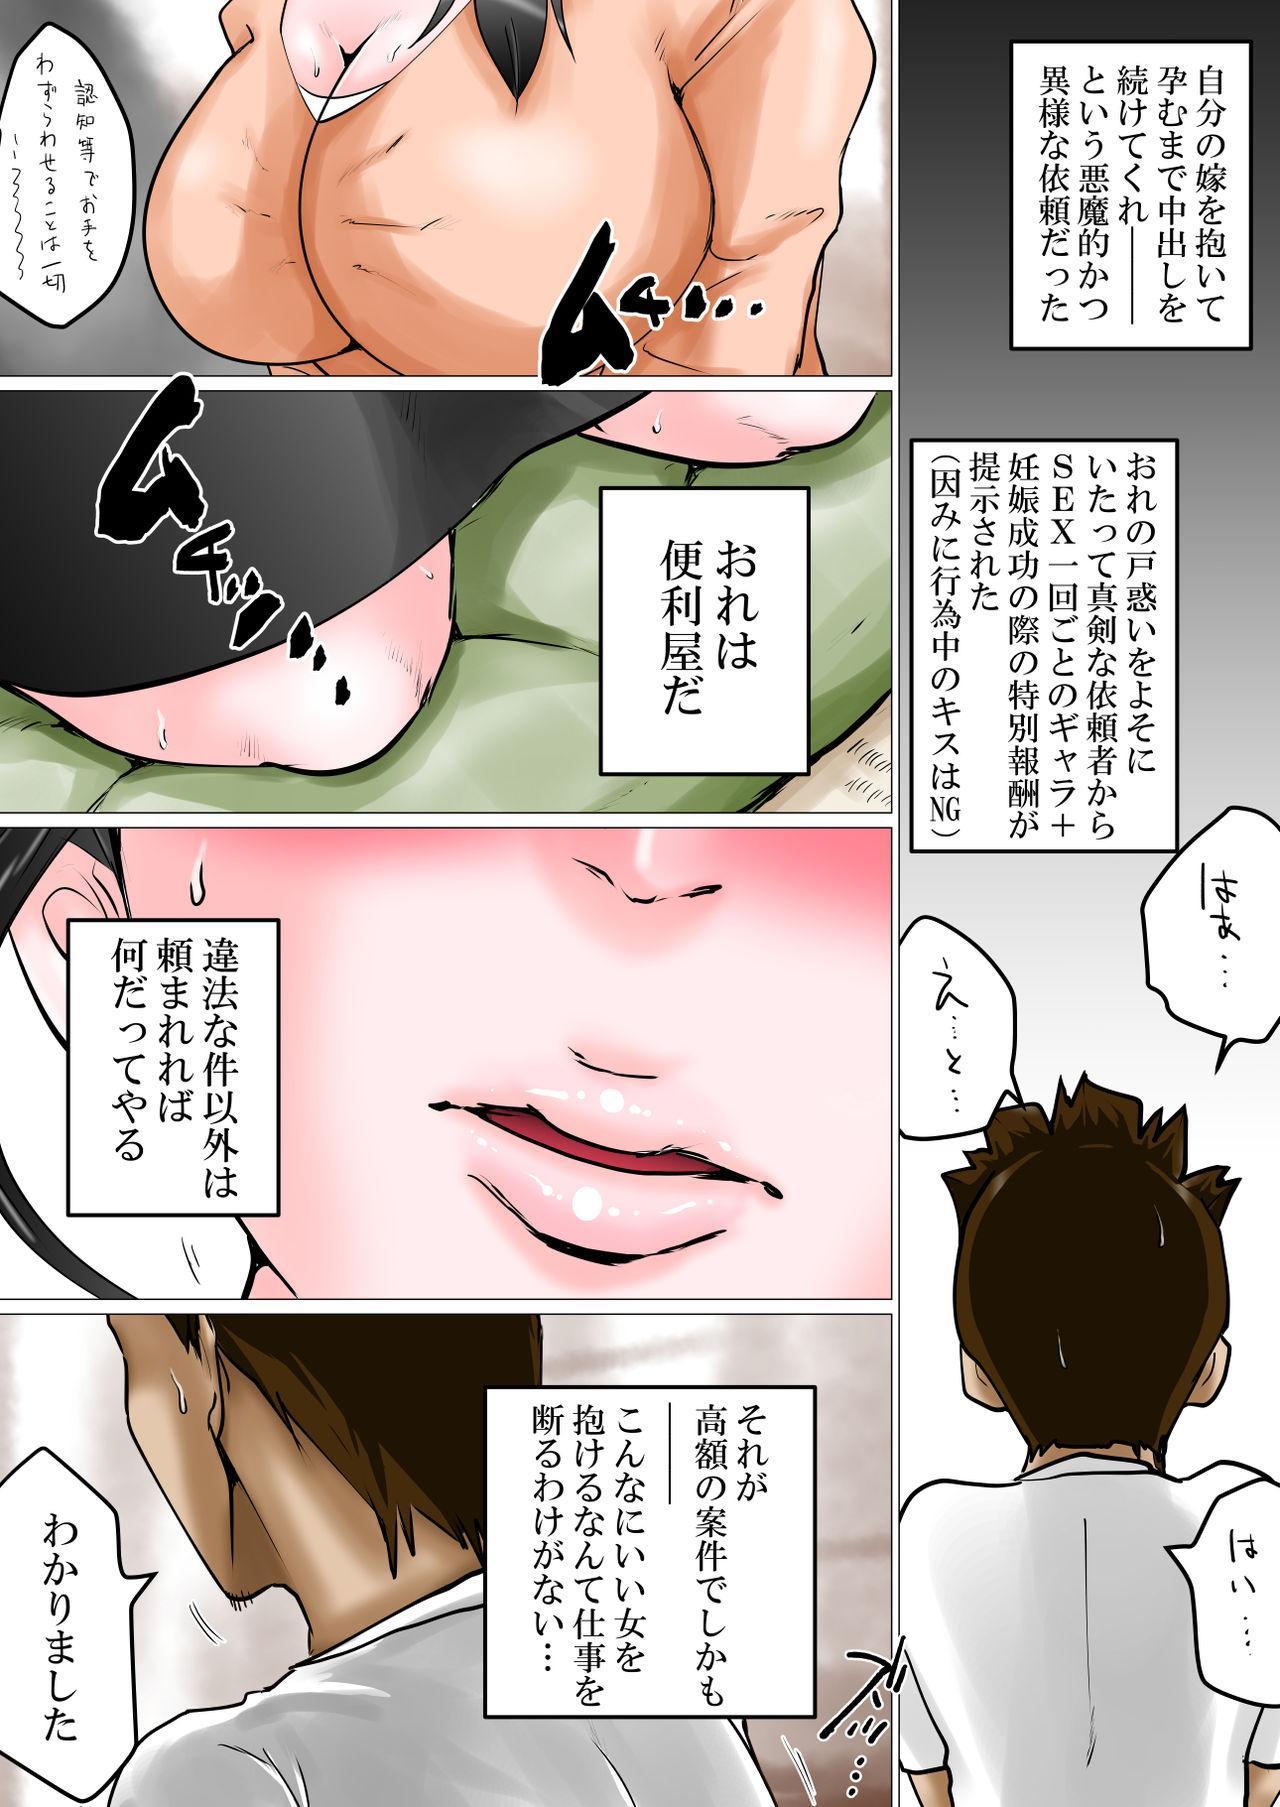 Tanetsuke Irai ~Funin ni Nayamu Fuufu ni Nakadashi o Irai Sareta Benriya no Hanashi 3